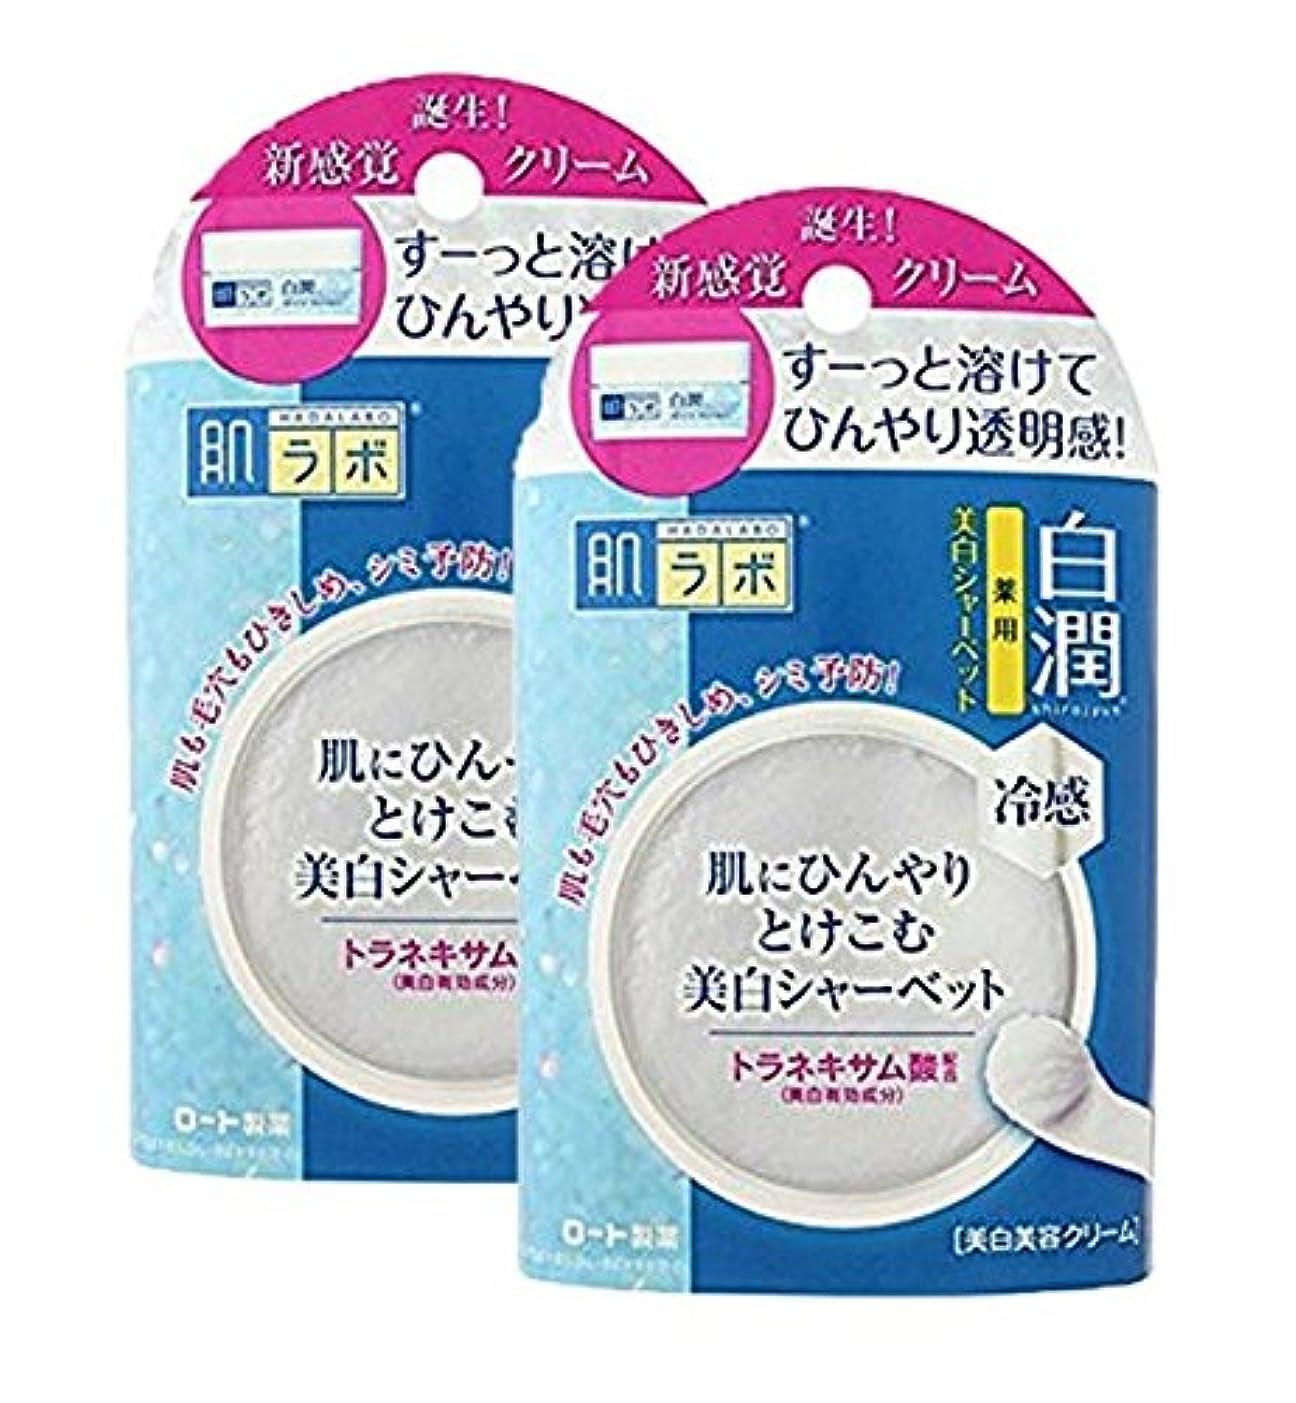 飽和する画家口ひげ肌ラボ 白潤 冷感美白シャーベット30g (医薬部外品)×2